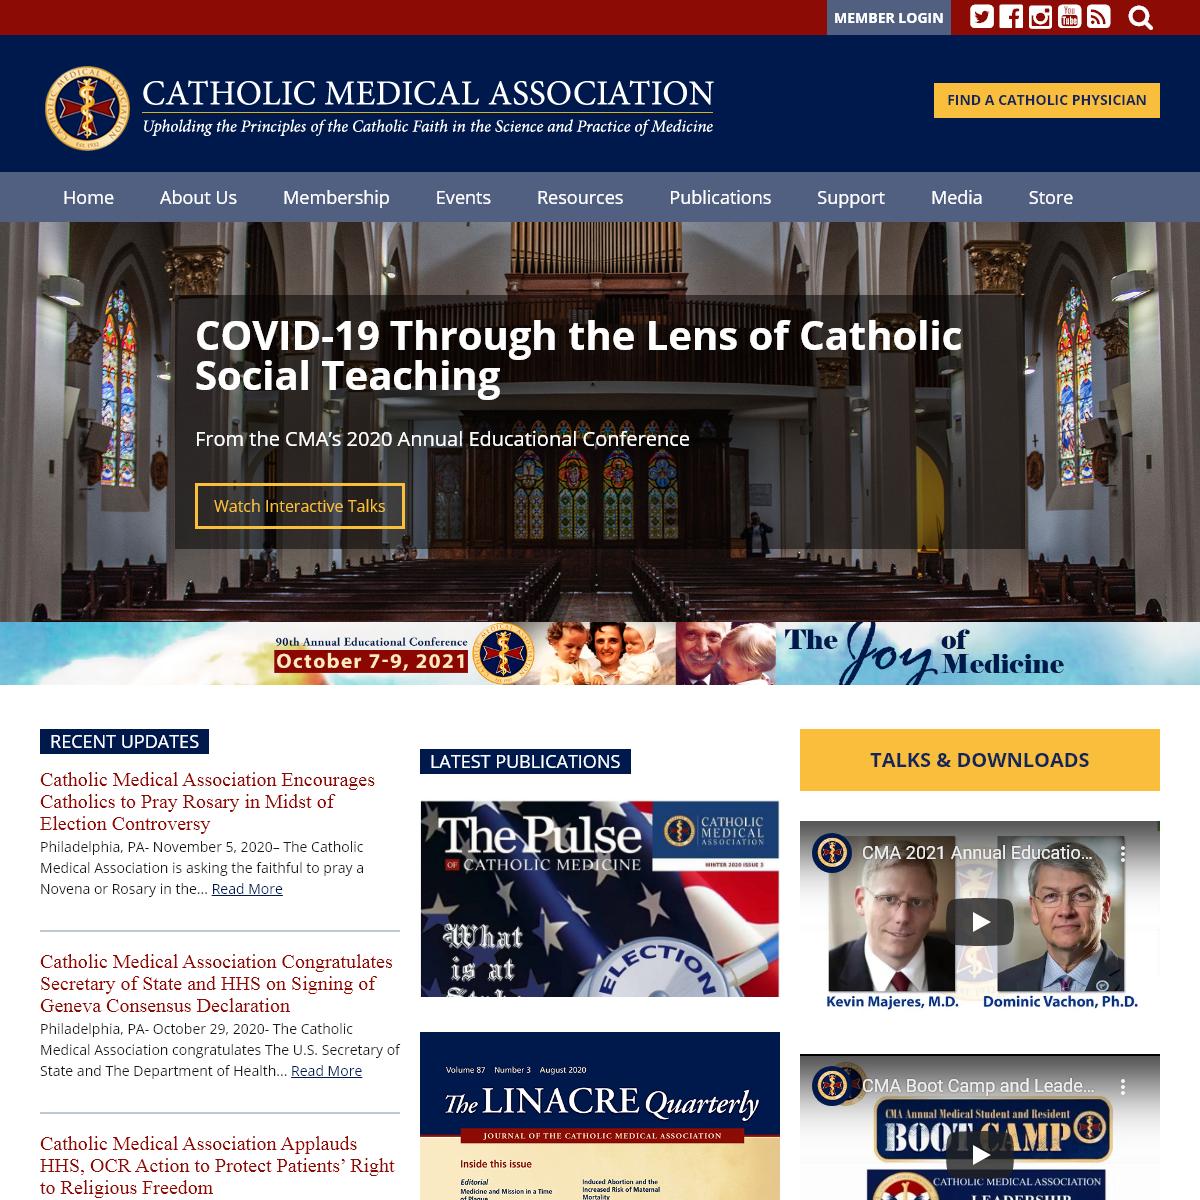 Catholic Medical Association - Catholic Medical Association - Catholic Medical Association